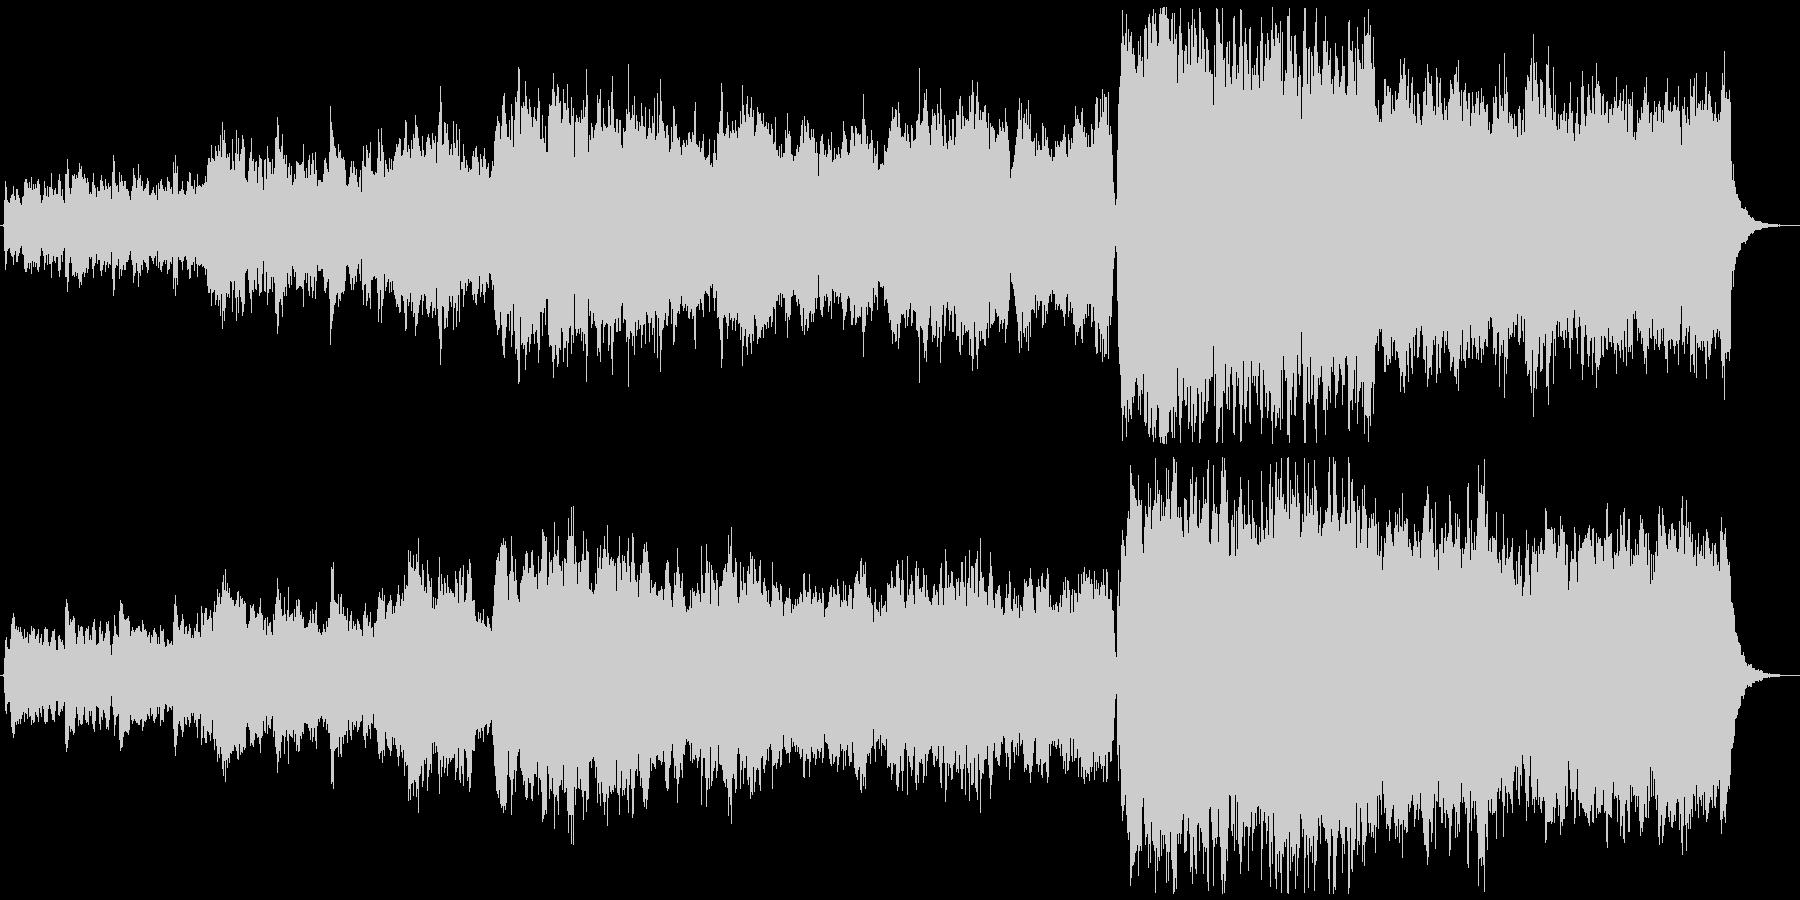 フルートからはじまる感動的なオーケストラの未再生の波形